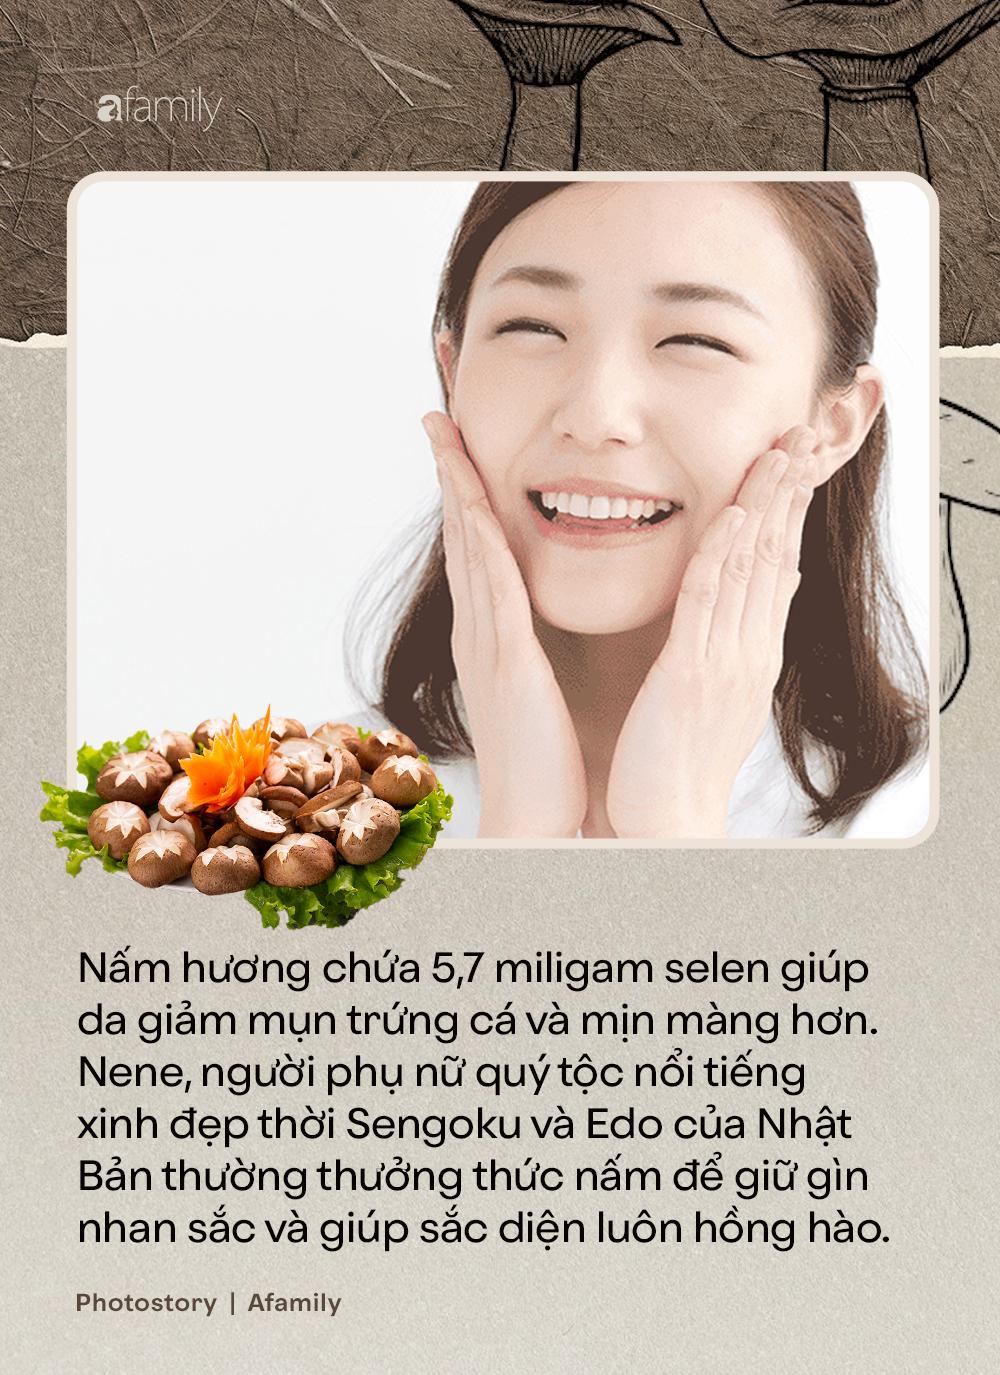 Nấm hương, thứ nguyên liệu thần thánh nhất định không thể thiếu trong ẩm thực món chay - Ảnh 2.